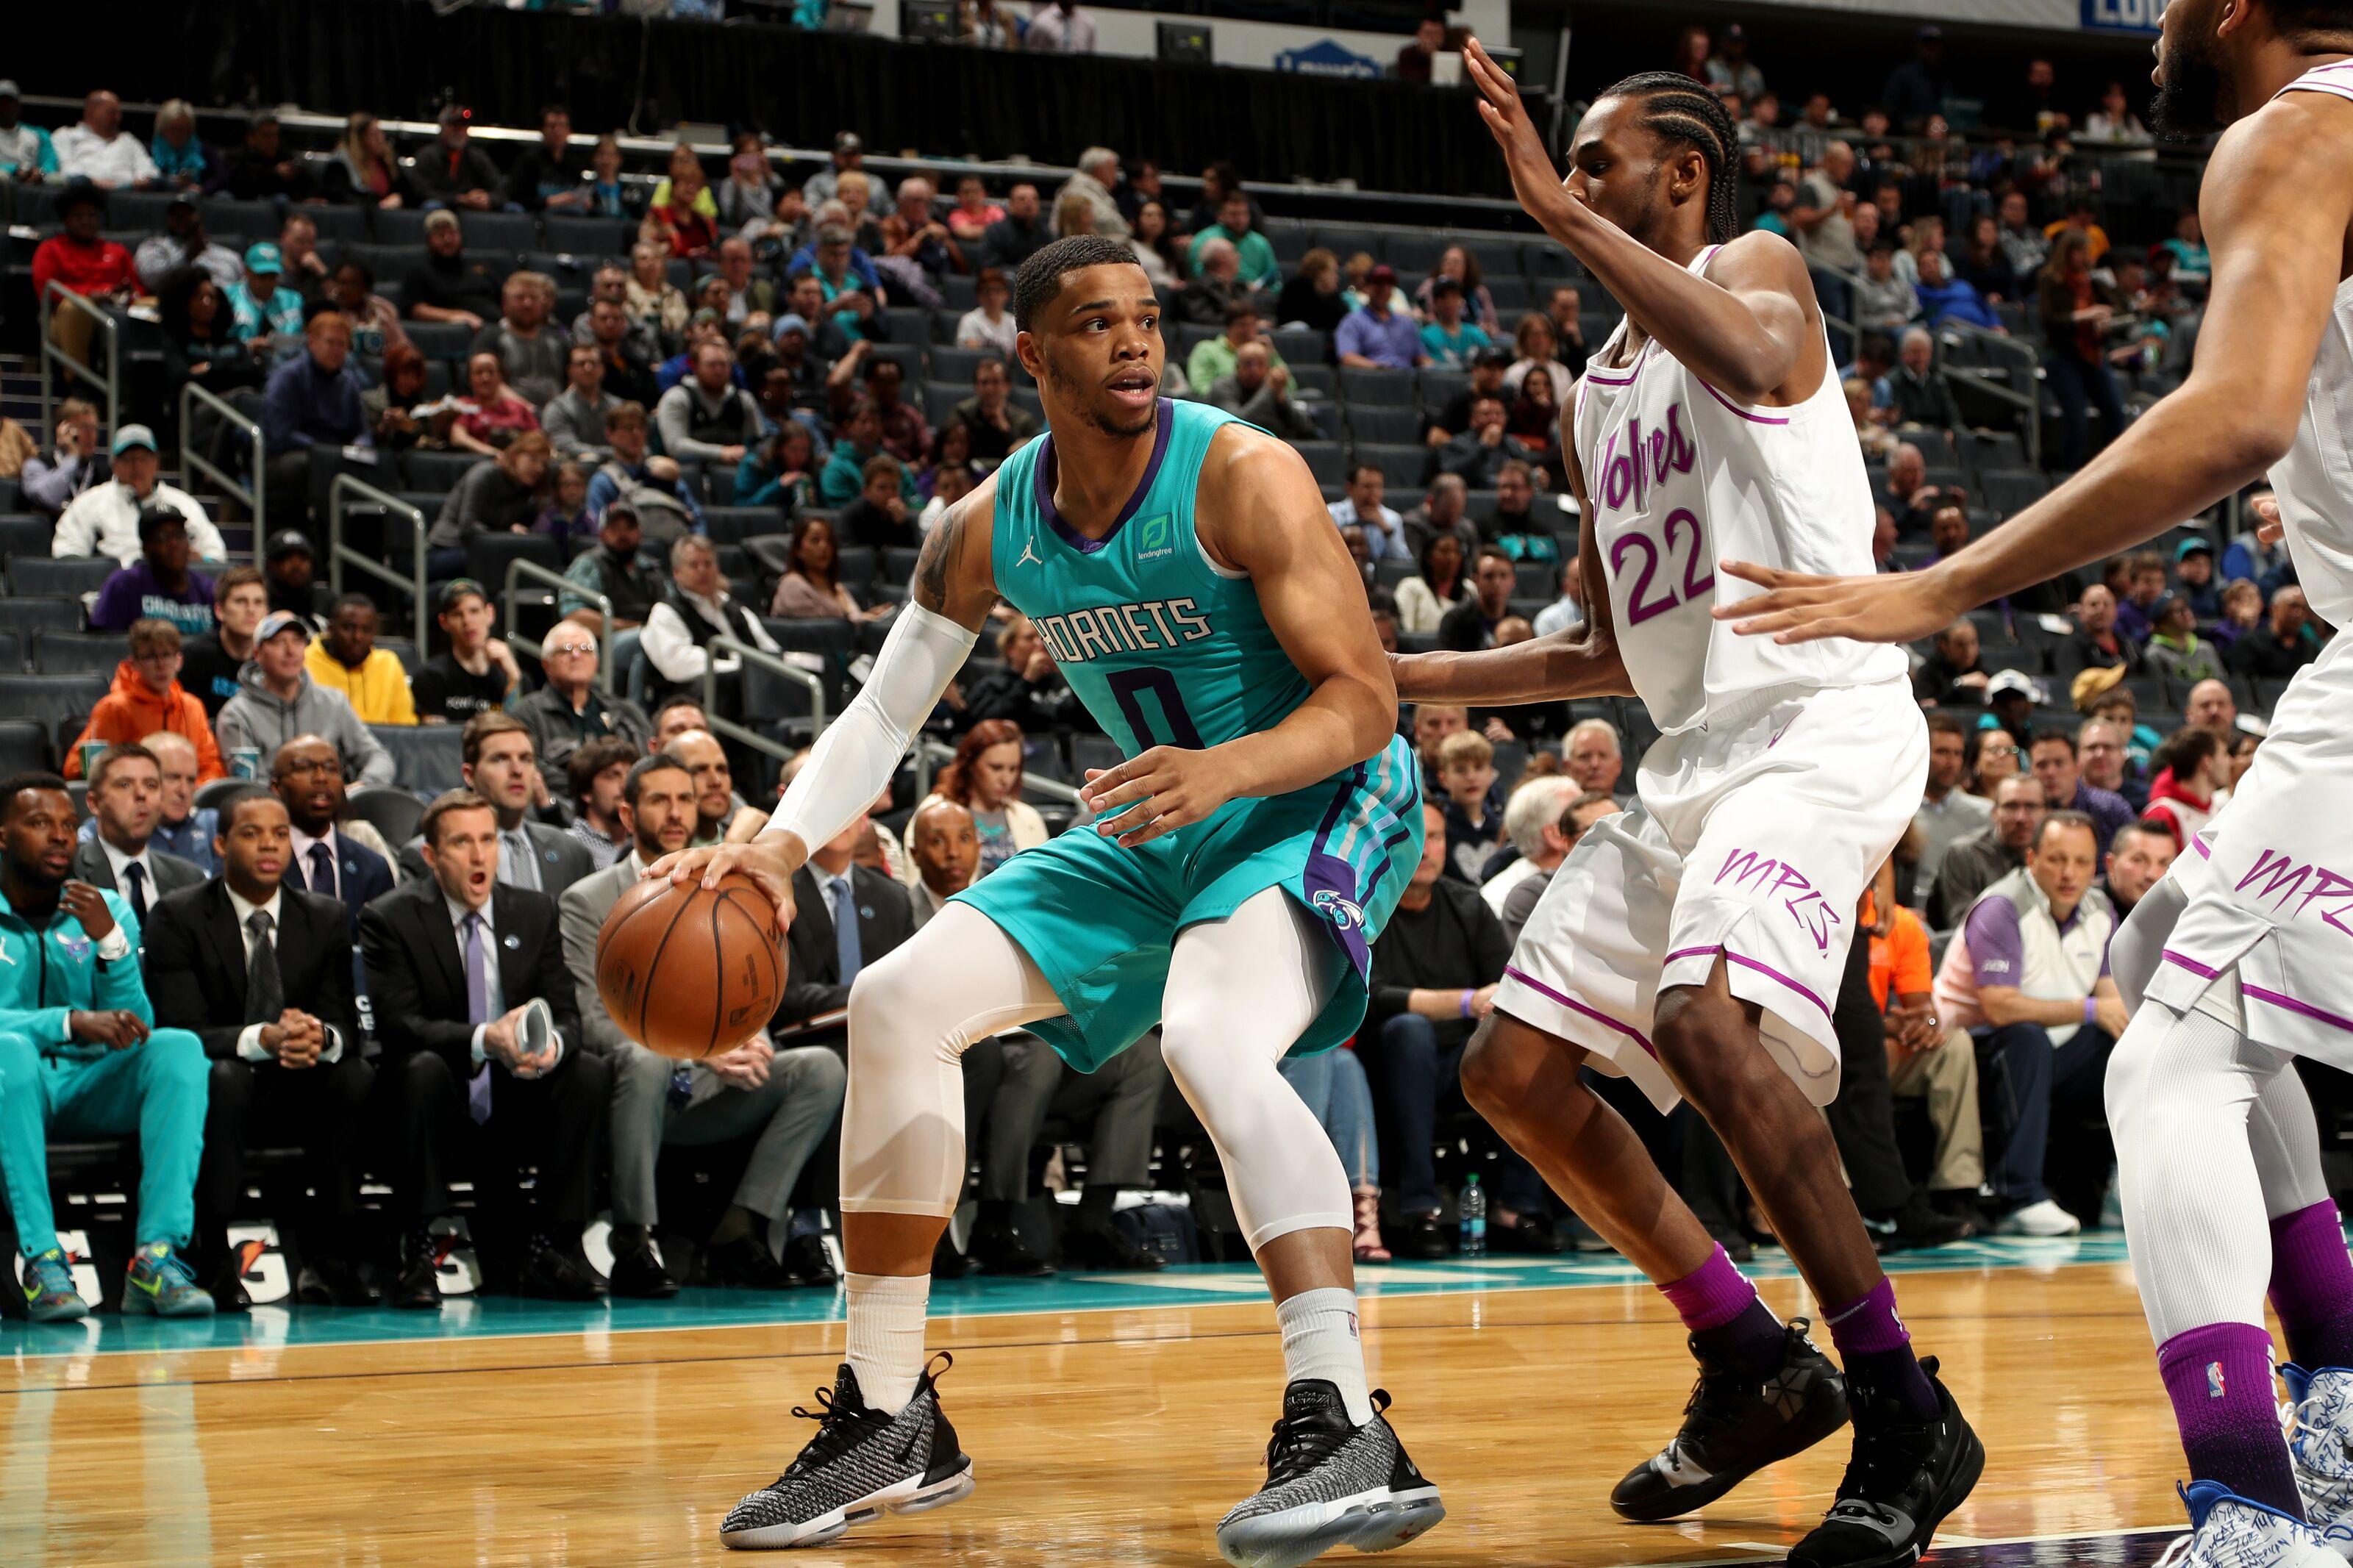 Miles Bridges' rookie development should excite Charlotte Hornets fans